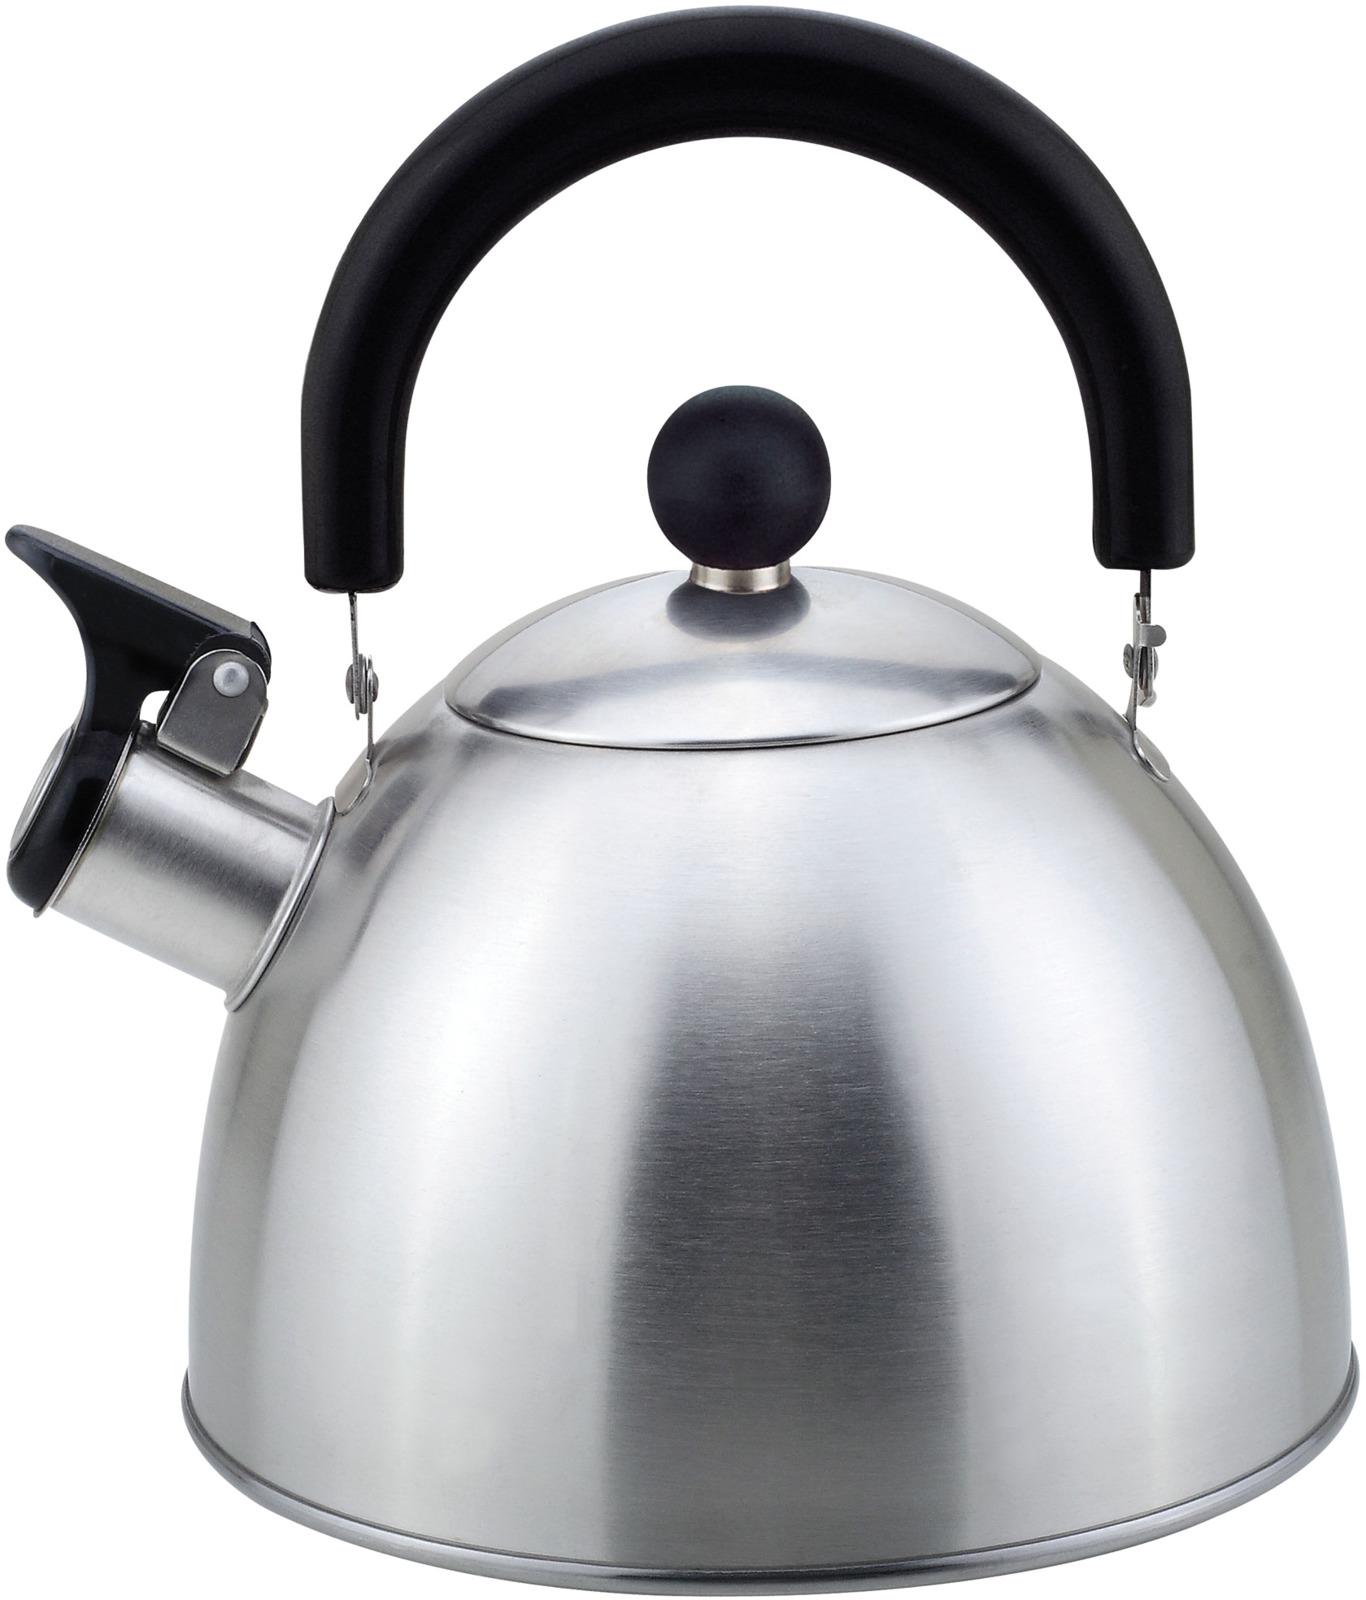 Чайник Mallony MAL-039-MP, матовый, со свистком, 2,3 л чайник mallony mal 105 n 3л нерж сталь цельнометал со свистком черный